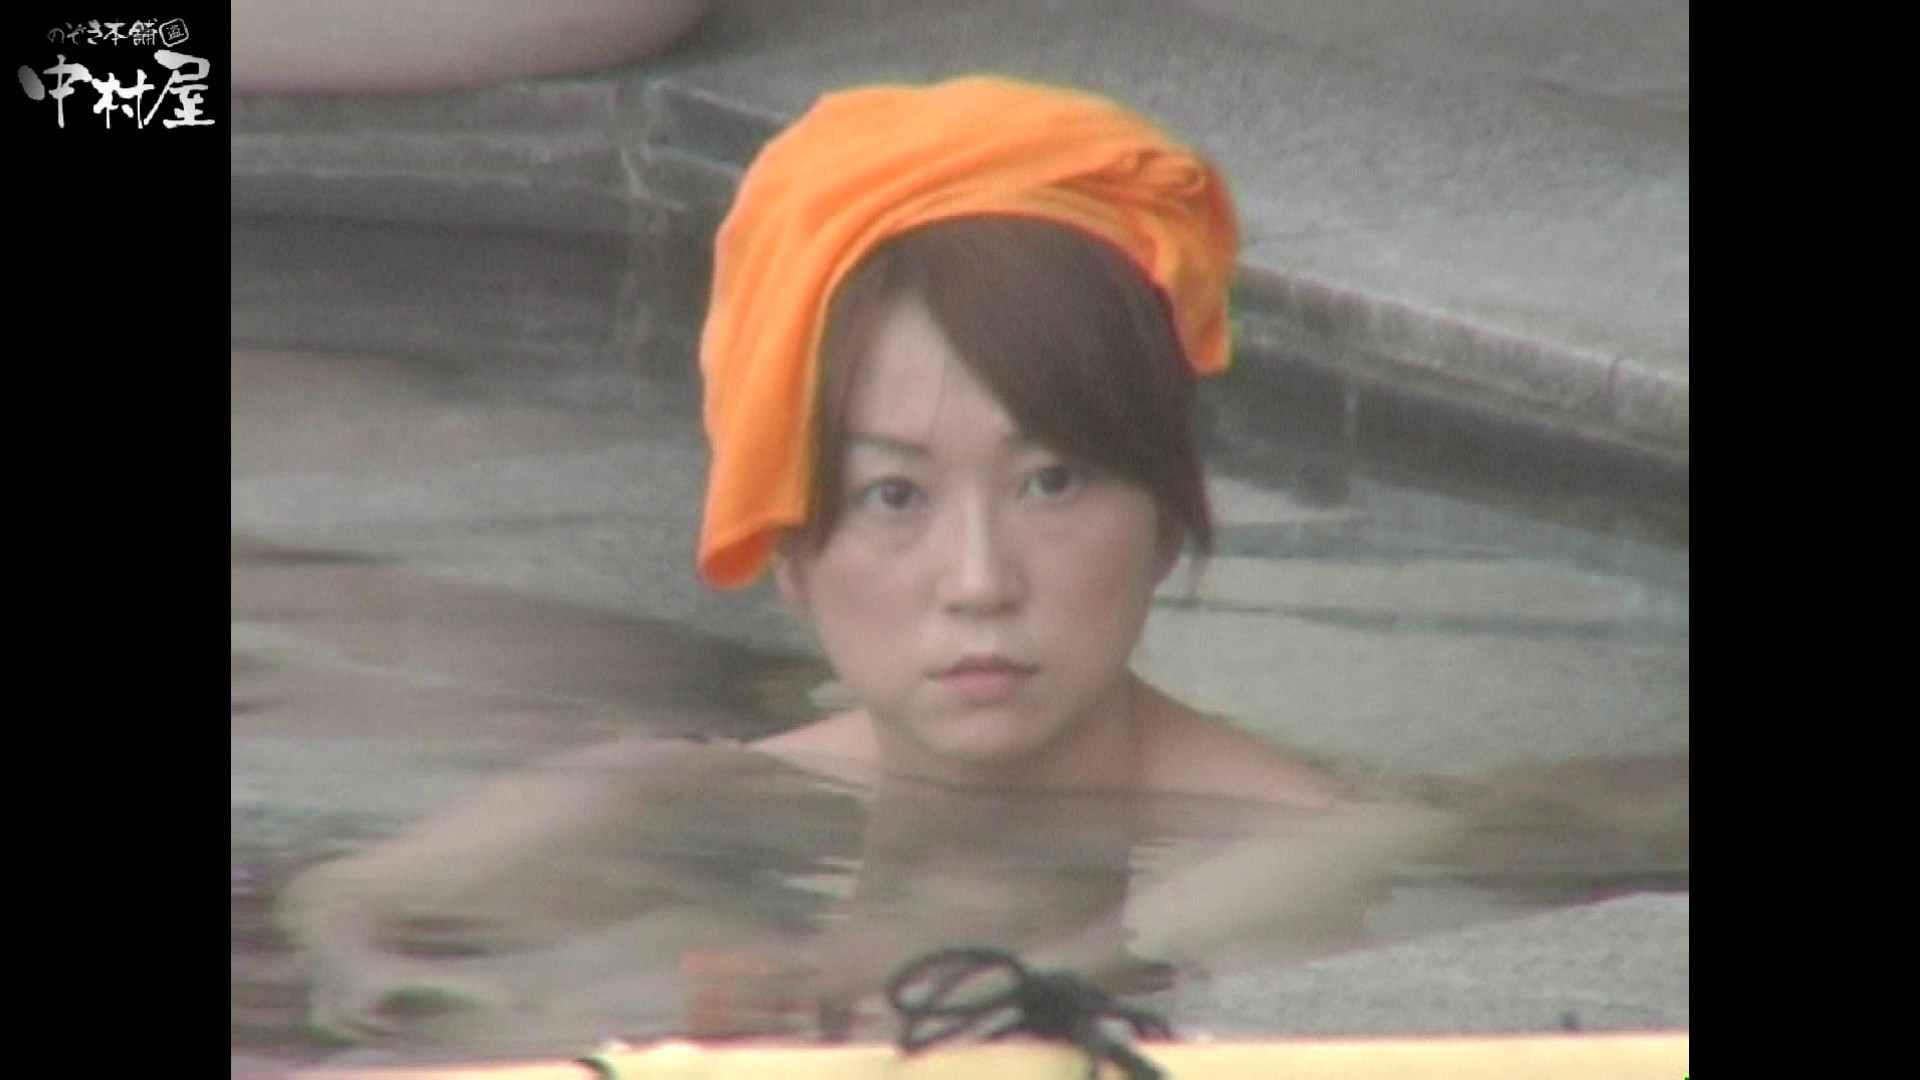 Aquaな露天風呂Vol.941 美しいOLの裸体 アダルト動画キャプチャ 76pic 59